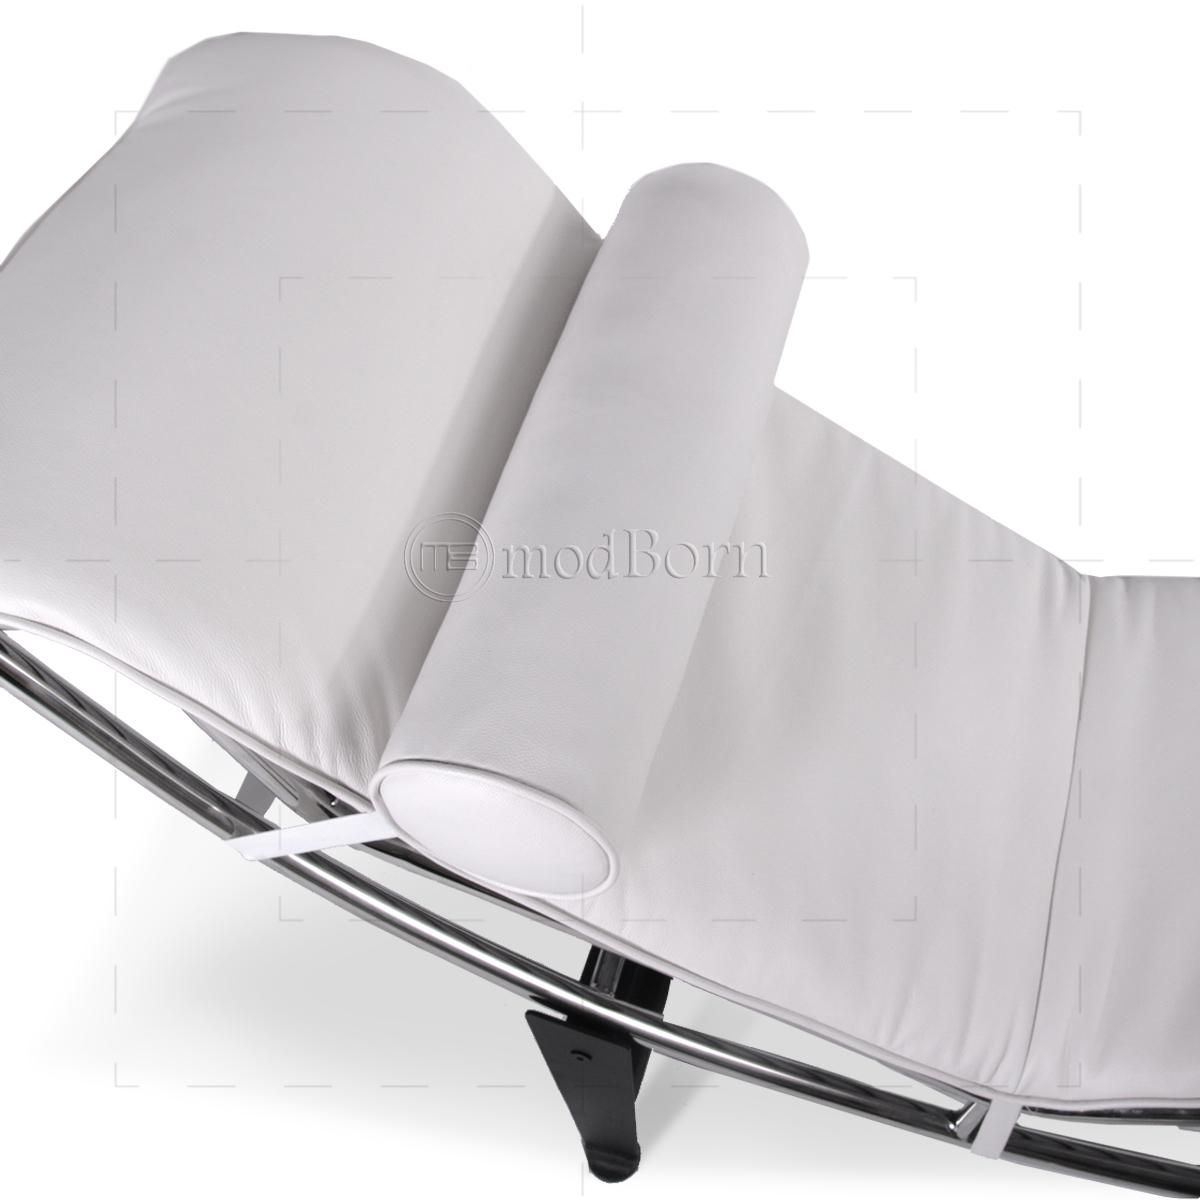 Le corbusier style lc4 chaise longue white leather replica for Chaise longue le corbusier